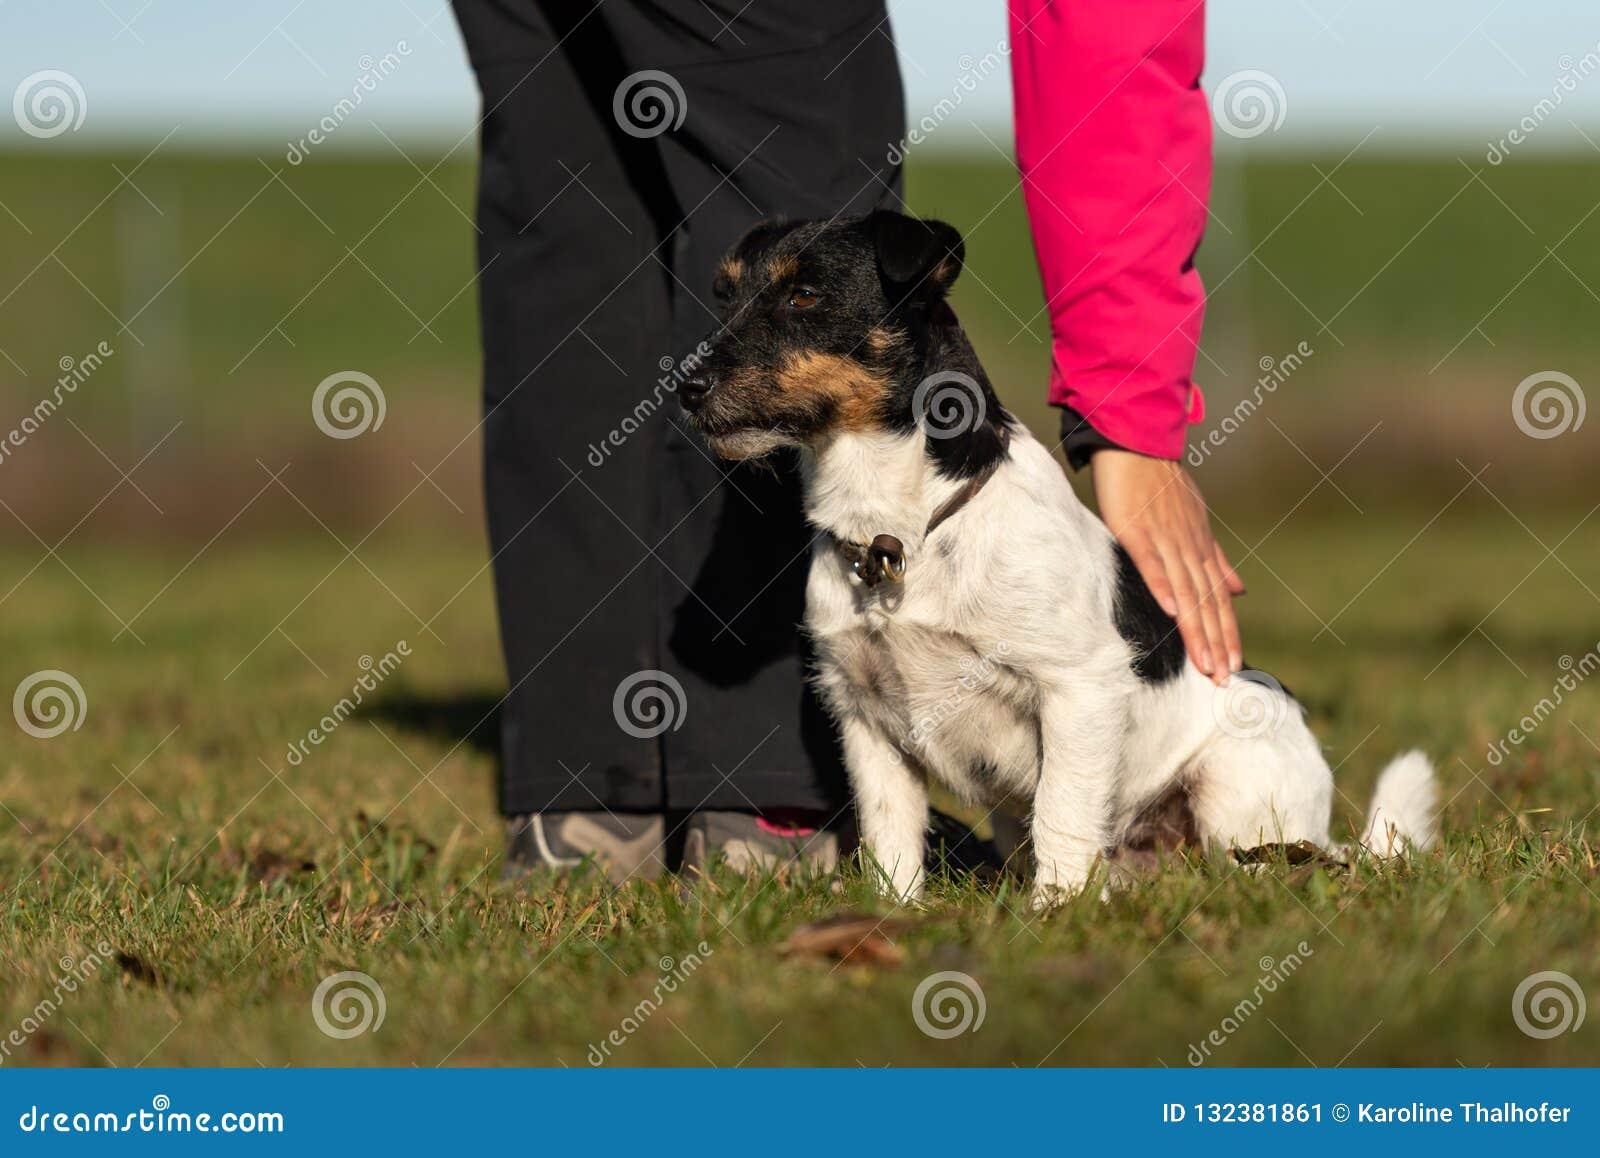 尾随责任人 与一条服从的起重器罗素狗的体育